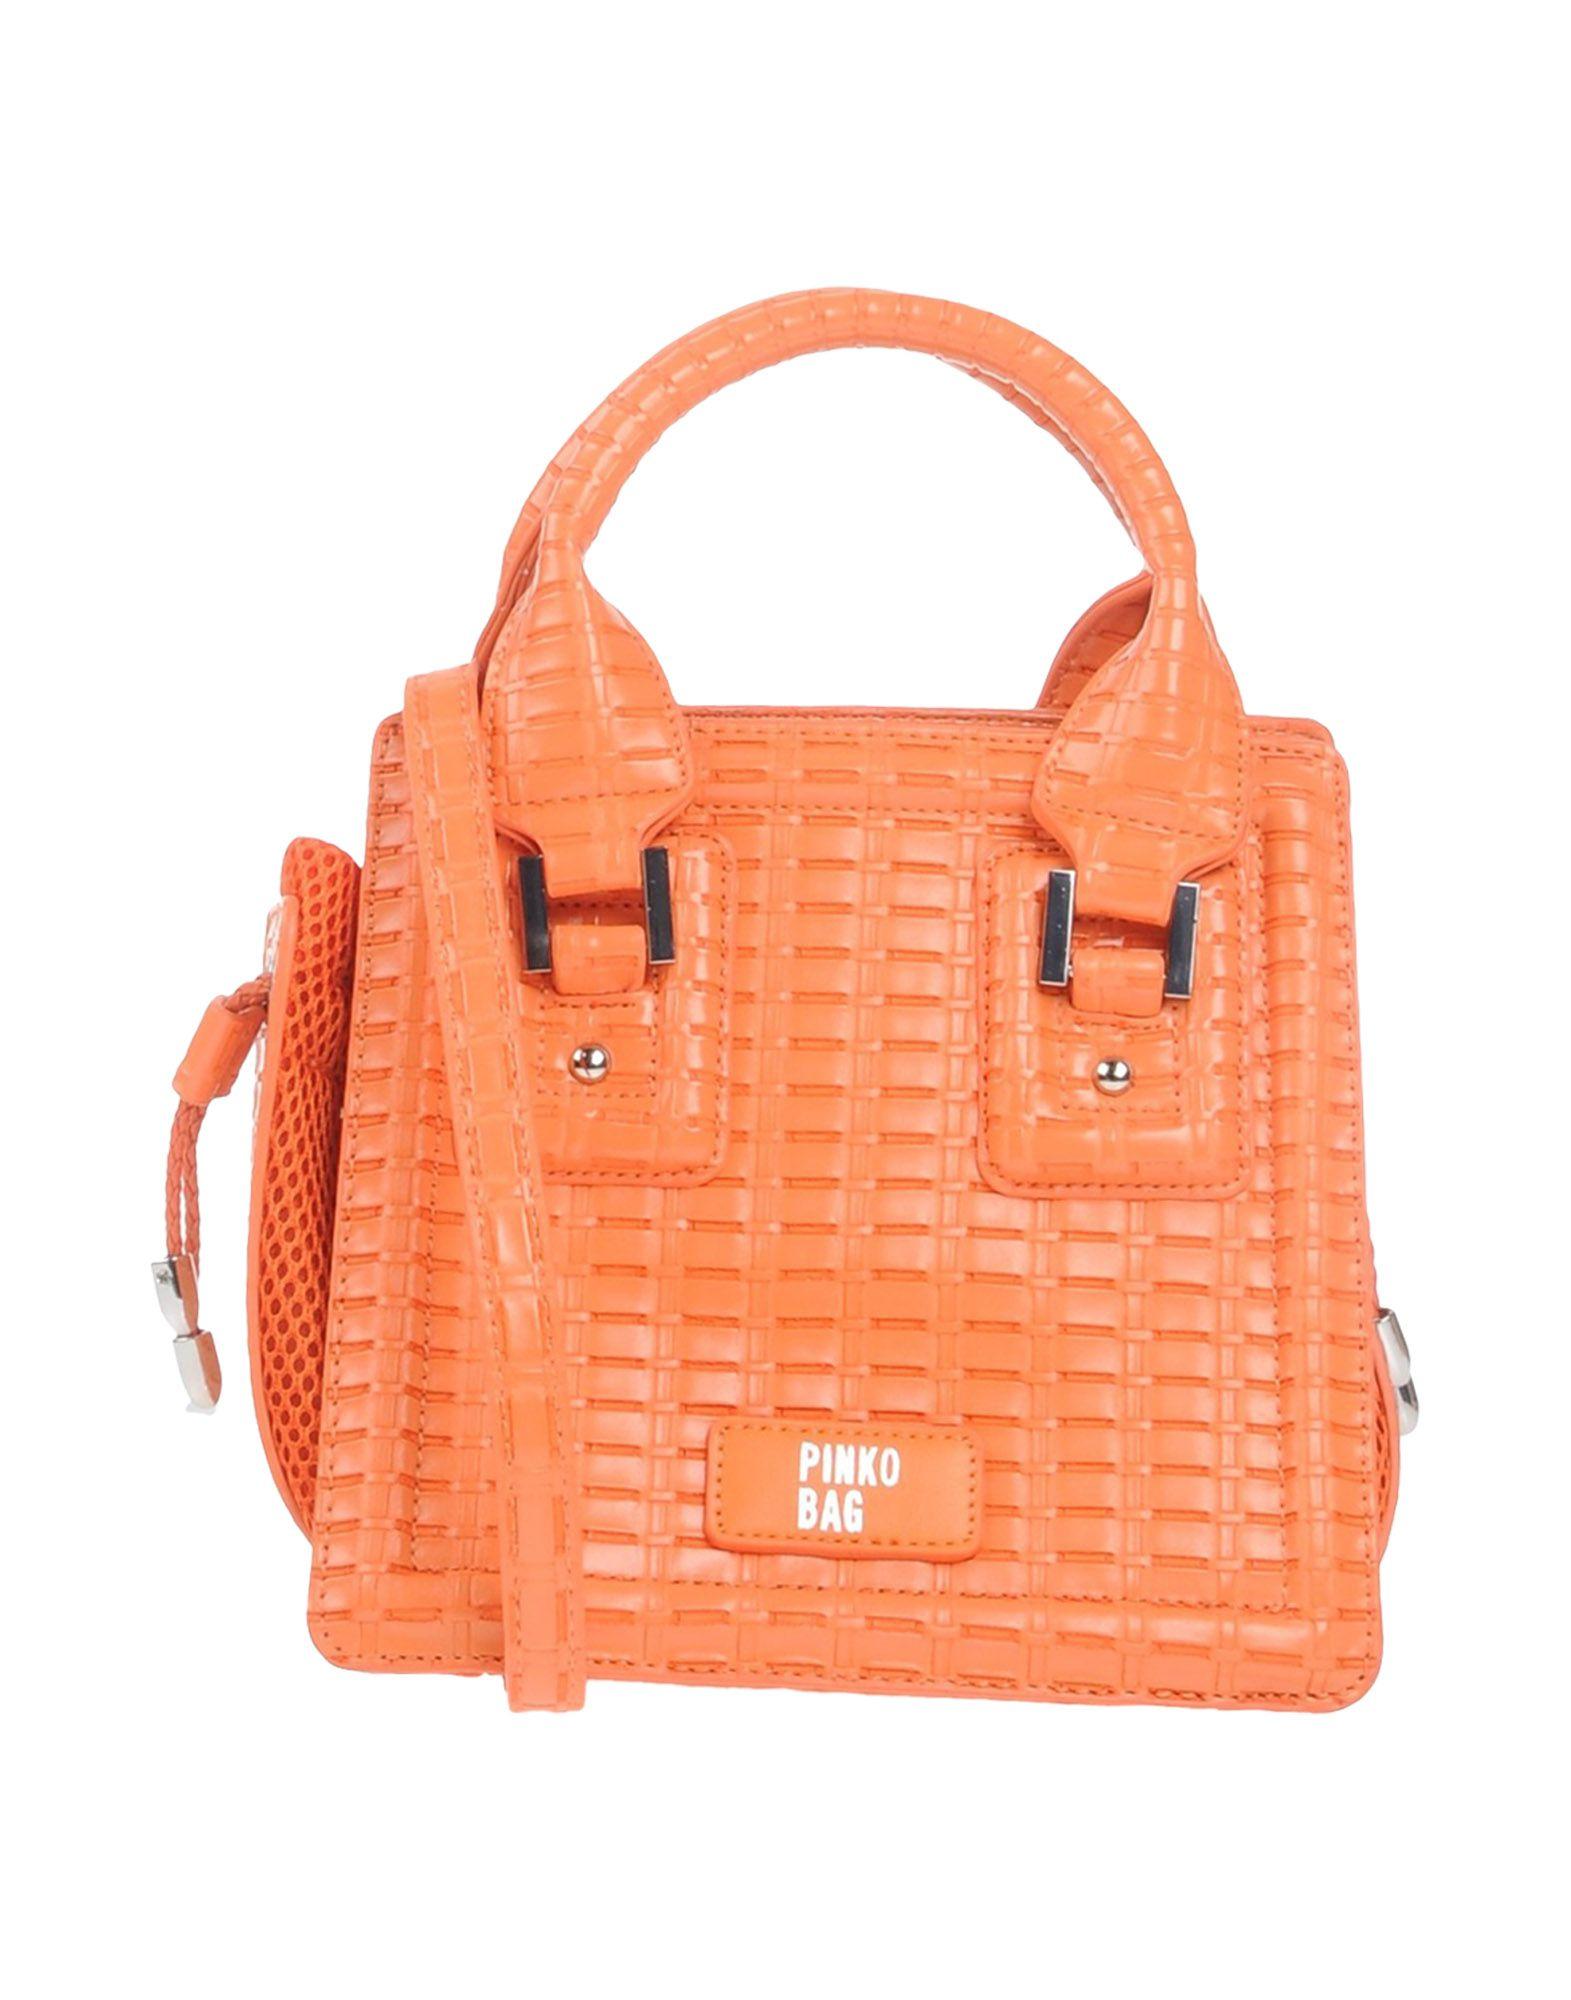 《送料無料》PINKO レディース ハンドバッグ オレンジ ポリウレタン 100% / ポリエステル